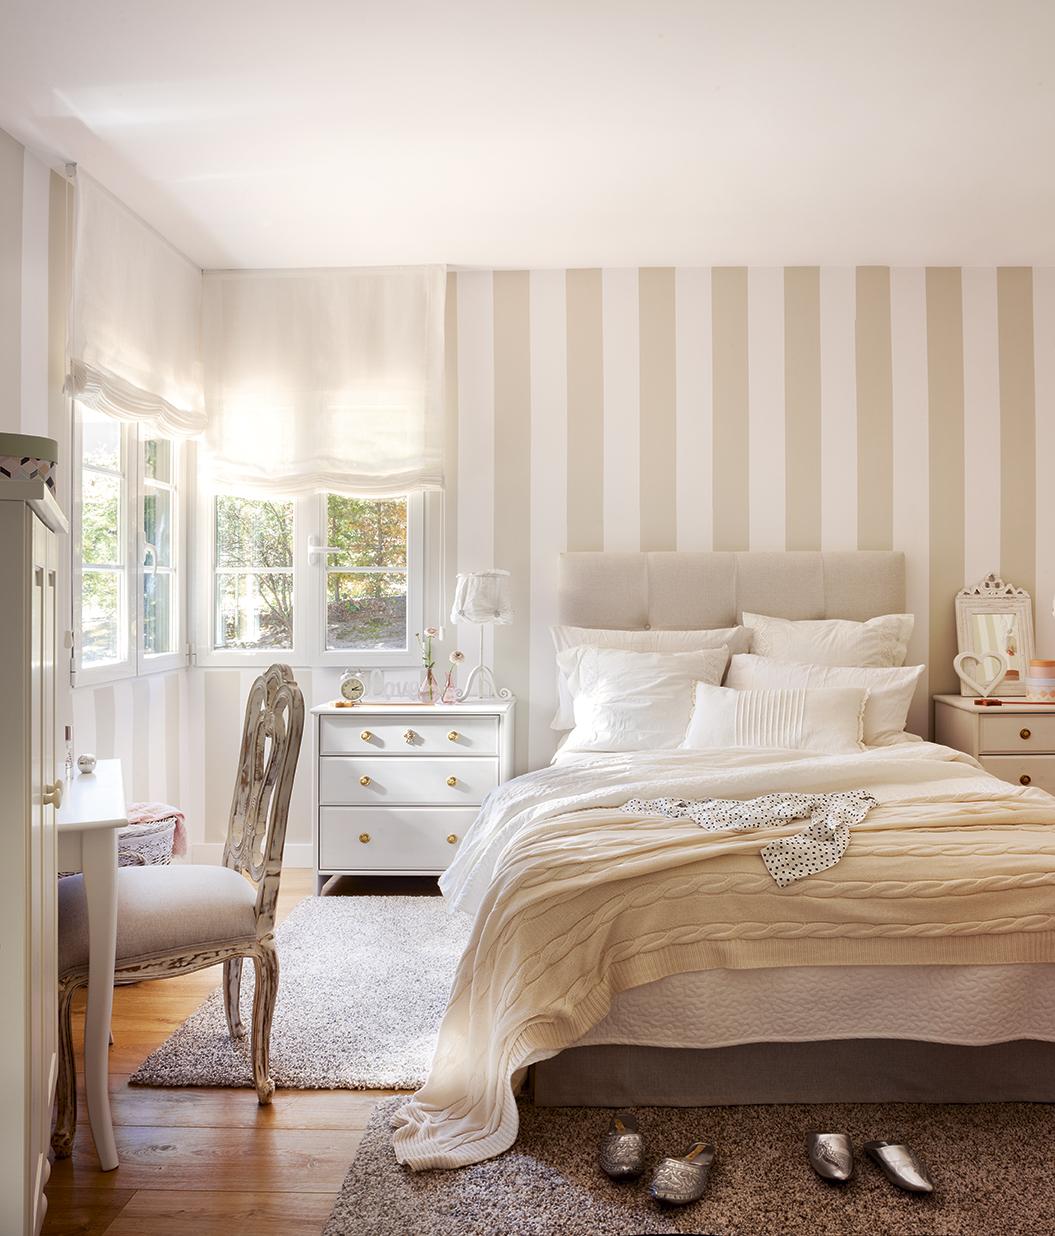 Un sueco de coraz n for Cabeceros de cama con papel pintado